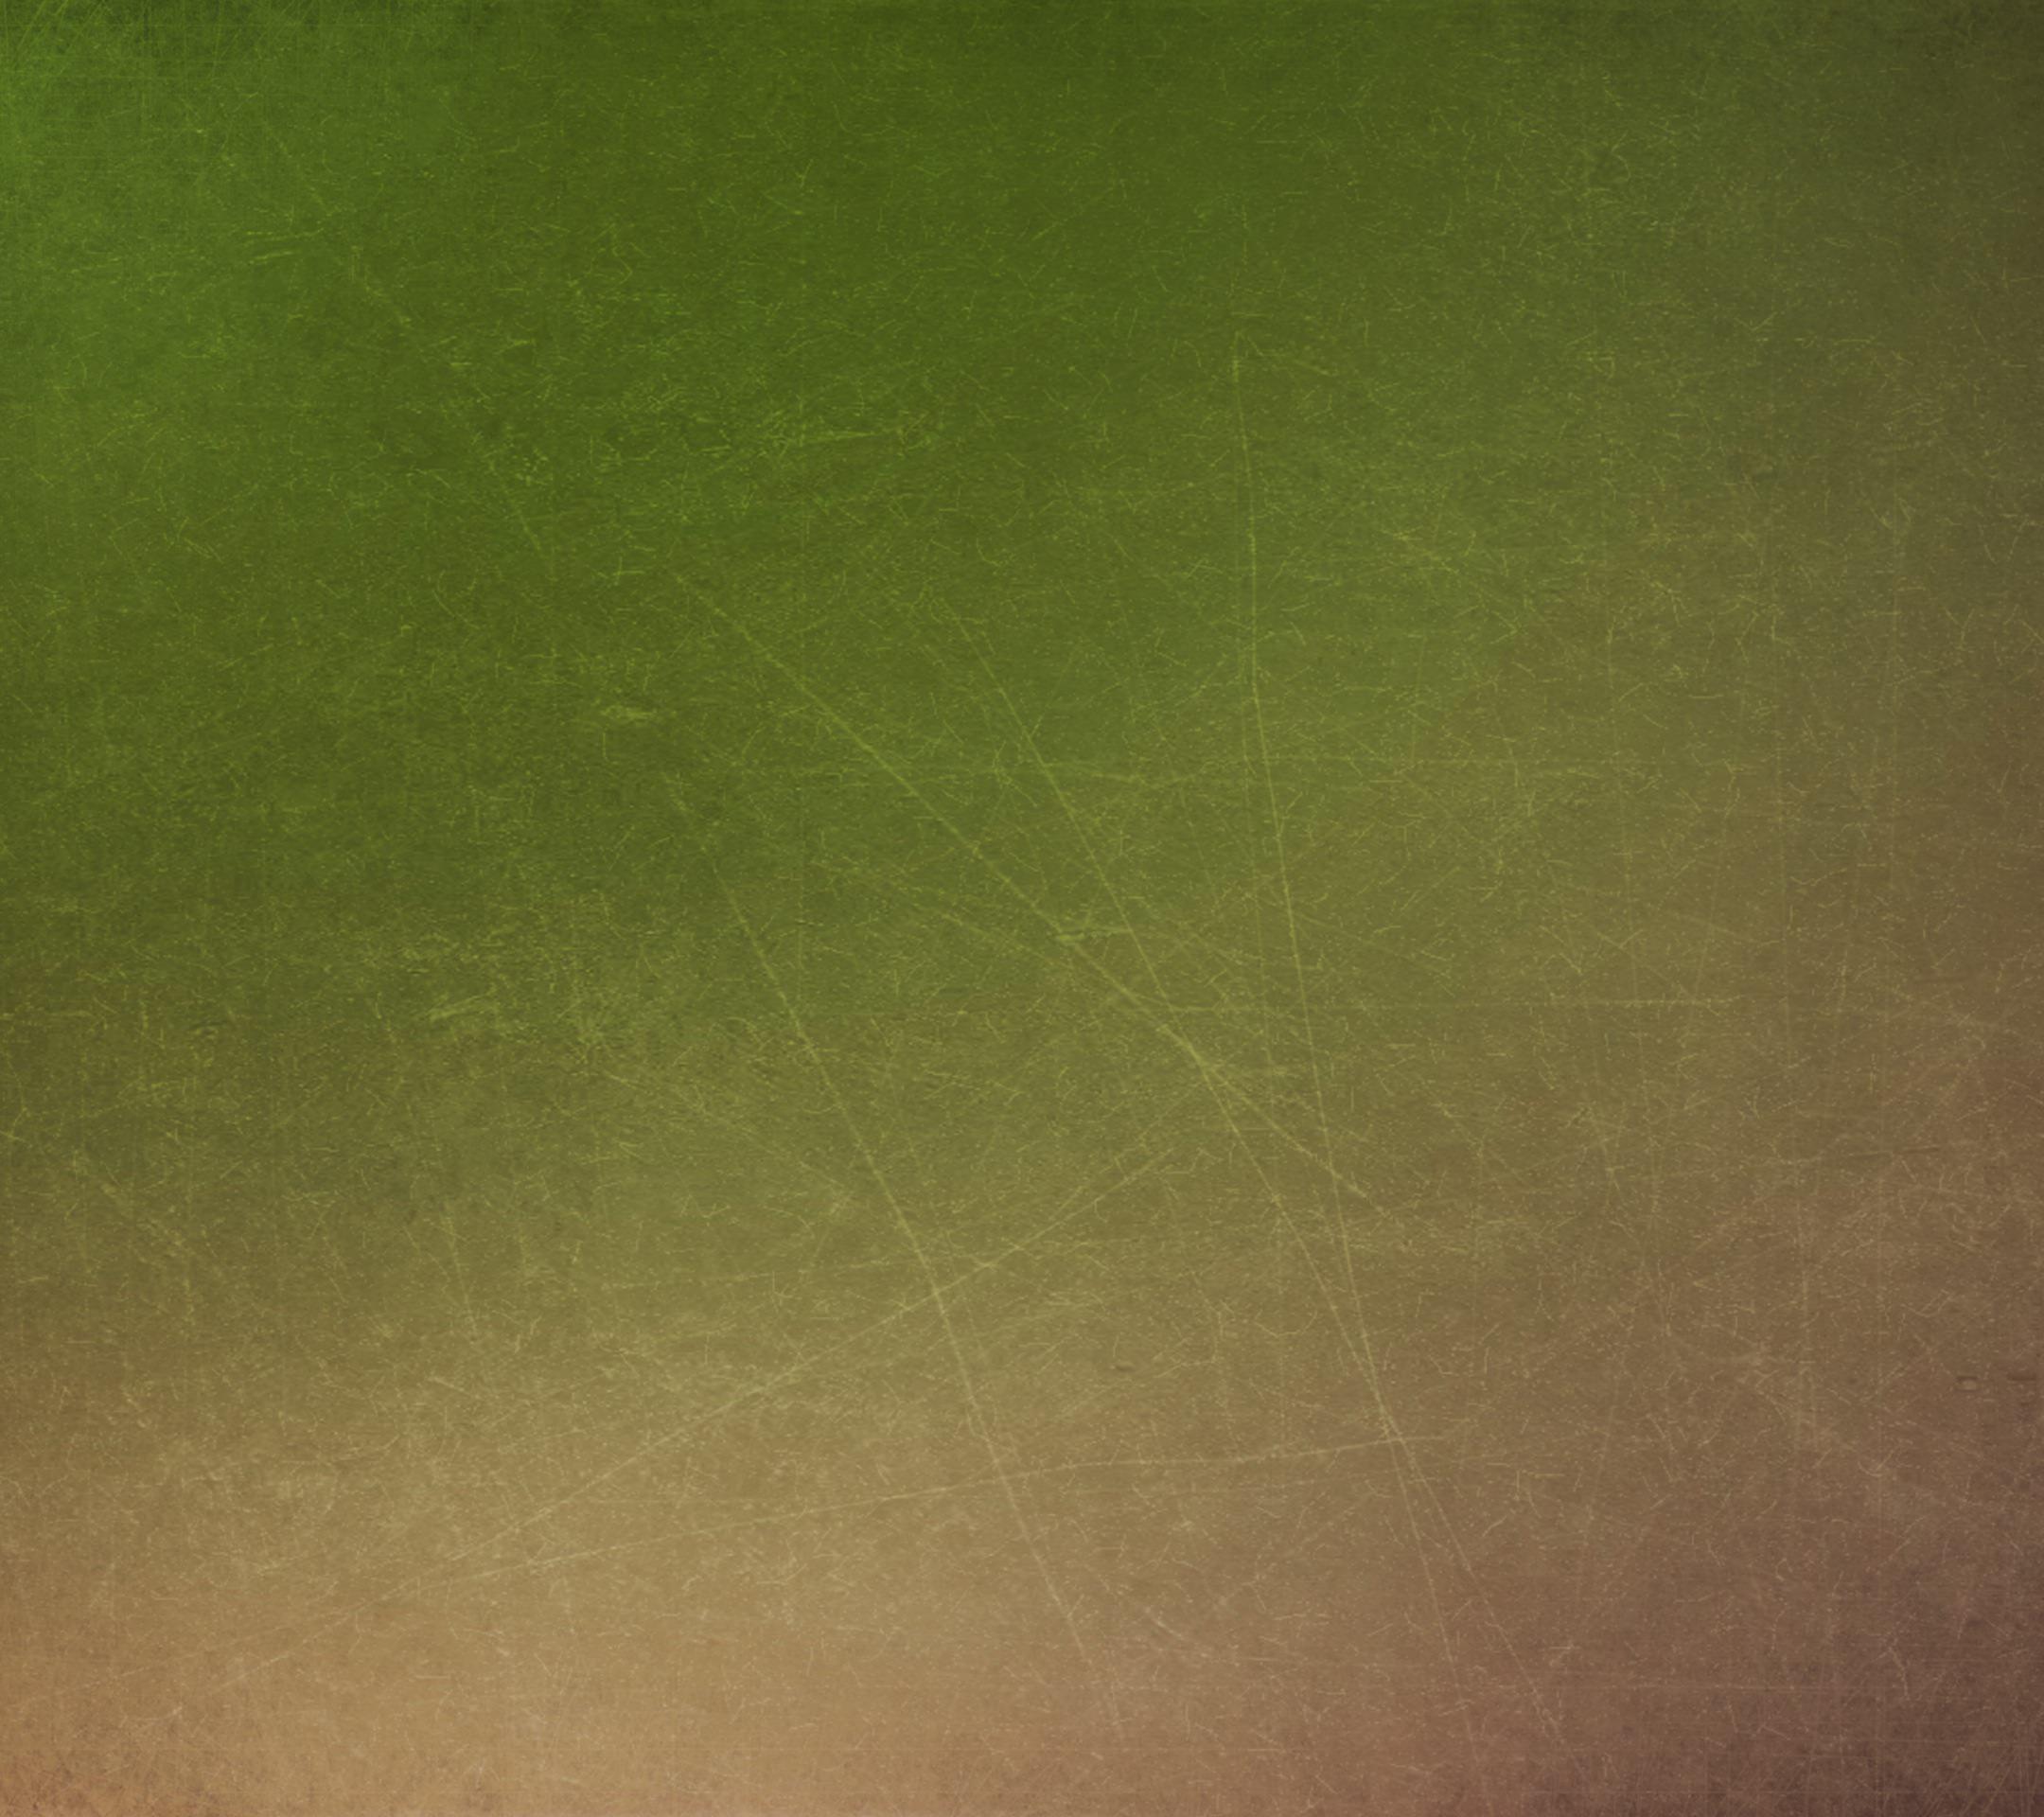 スマホ 壁紙